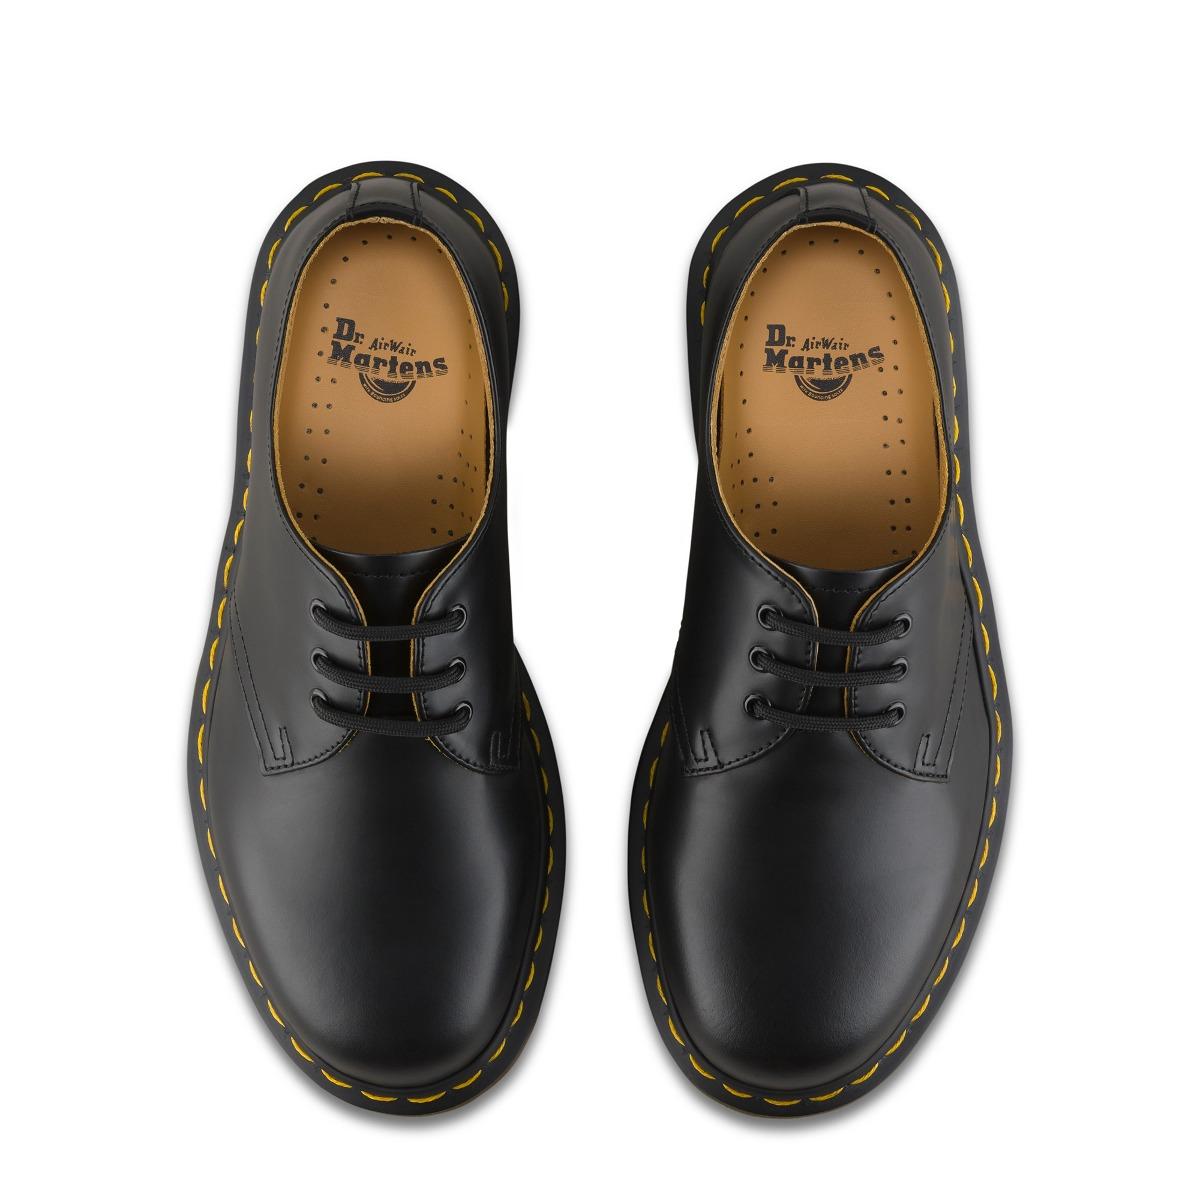 Cargando zoom... zapato dr martens 1461 3-eye gibson hombre 921d248d5c92